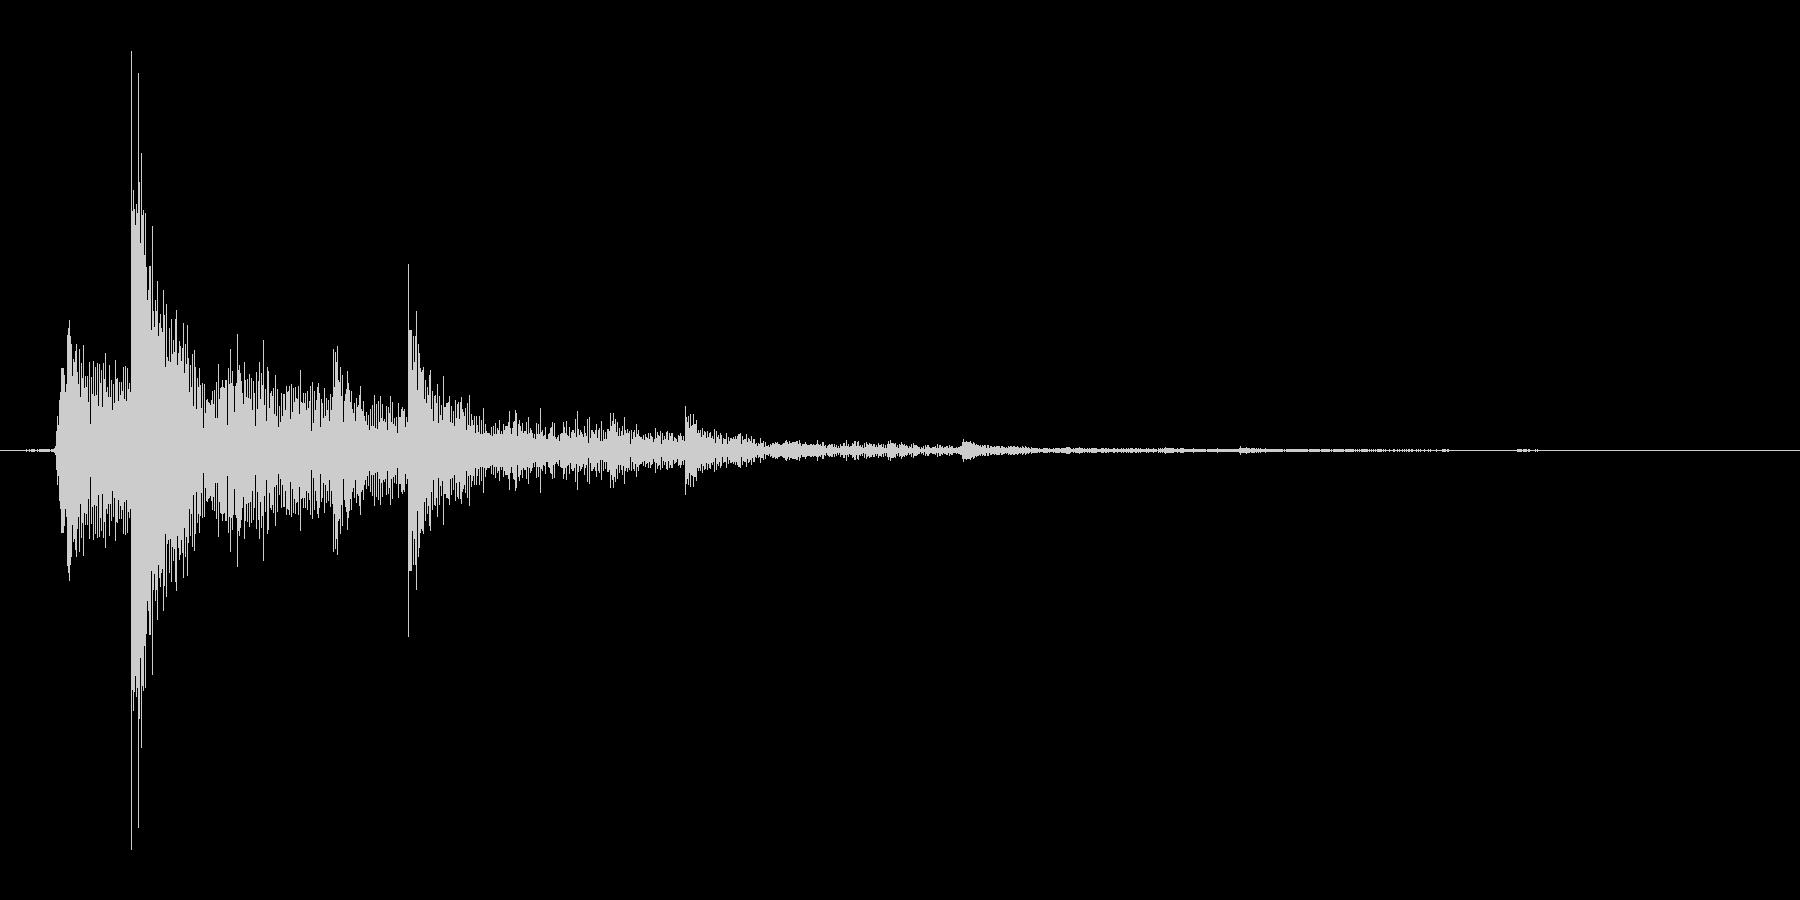 タップ.カーソル移動.クリック.決定07の未再生の波形